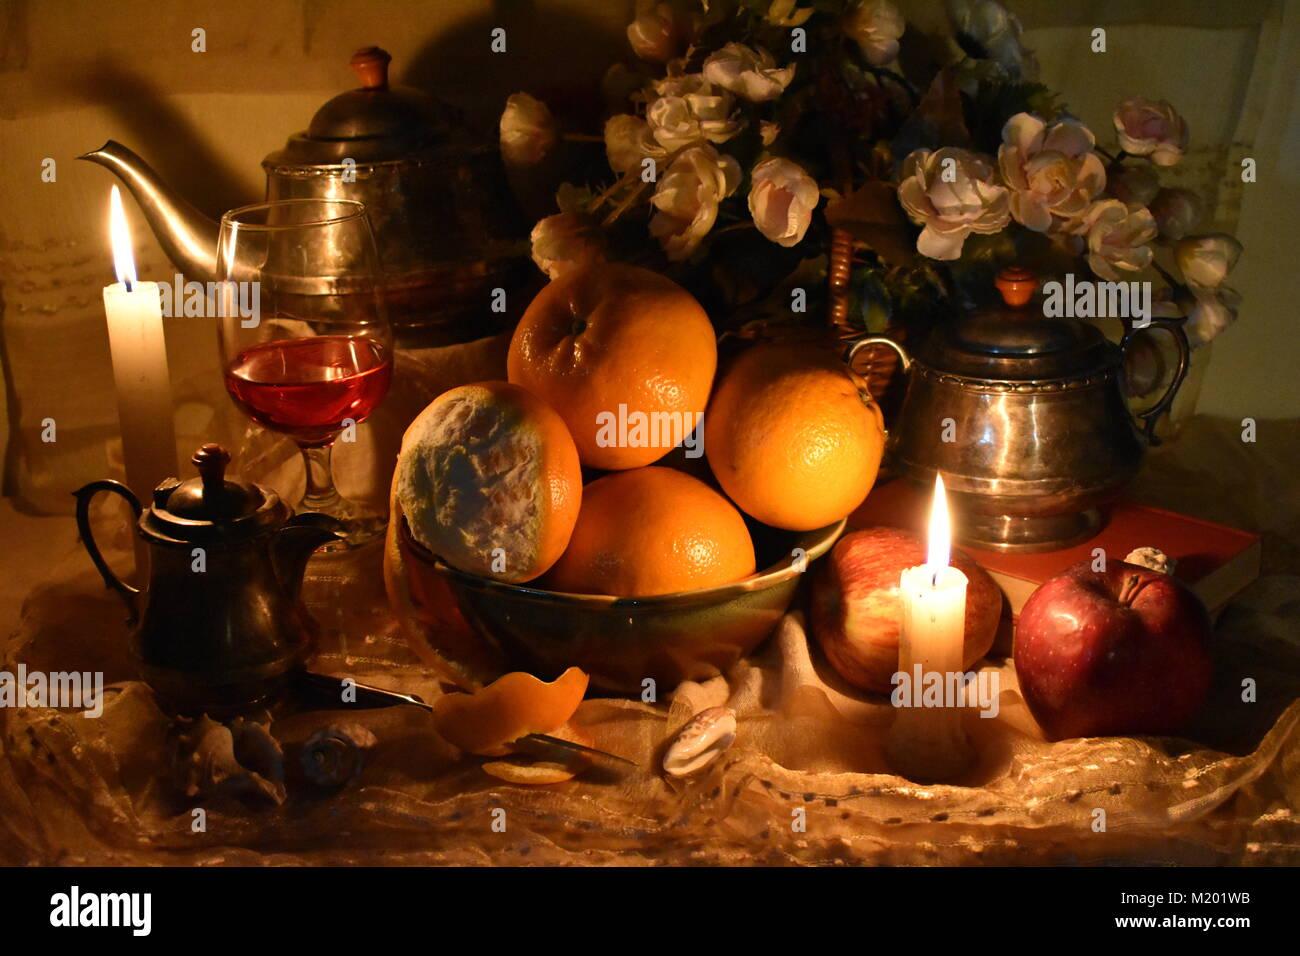 La vie toujours inspirés par la Dutch Masters. Classic still life with fruits, écorce d'orange, thé, Photo Stock